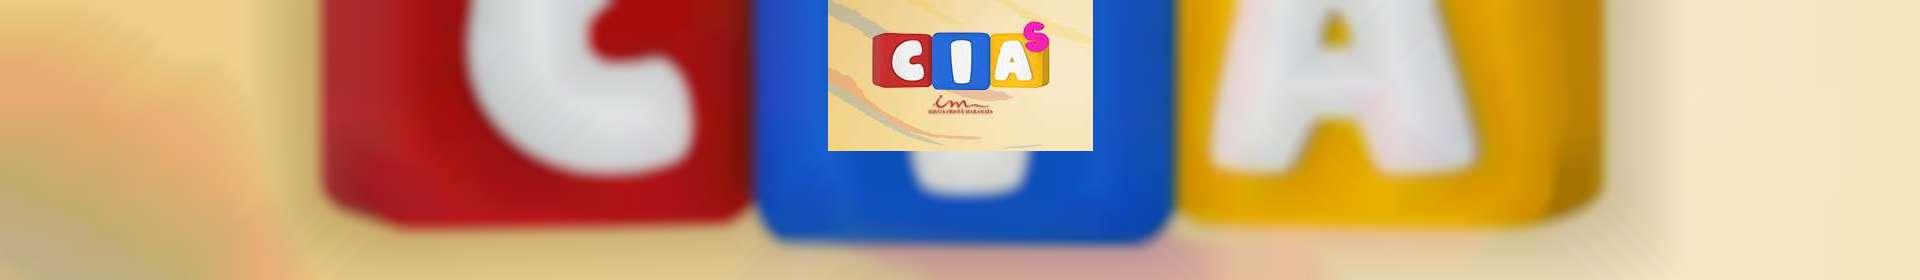 Aula de CIAS: classe de 0 a 3 anos e gestantes - 04 de junho de 2020